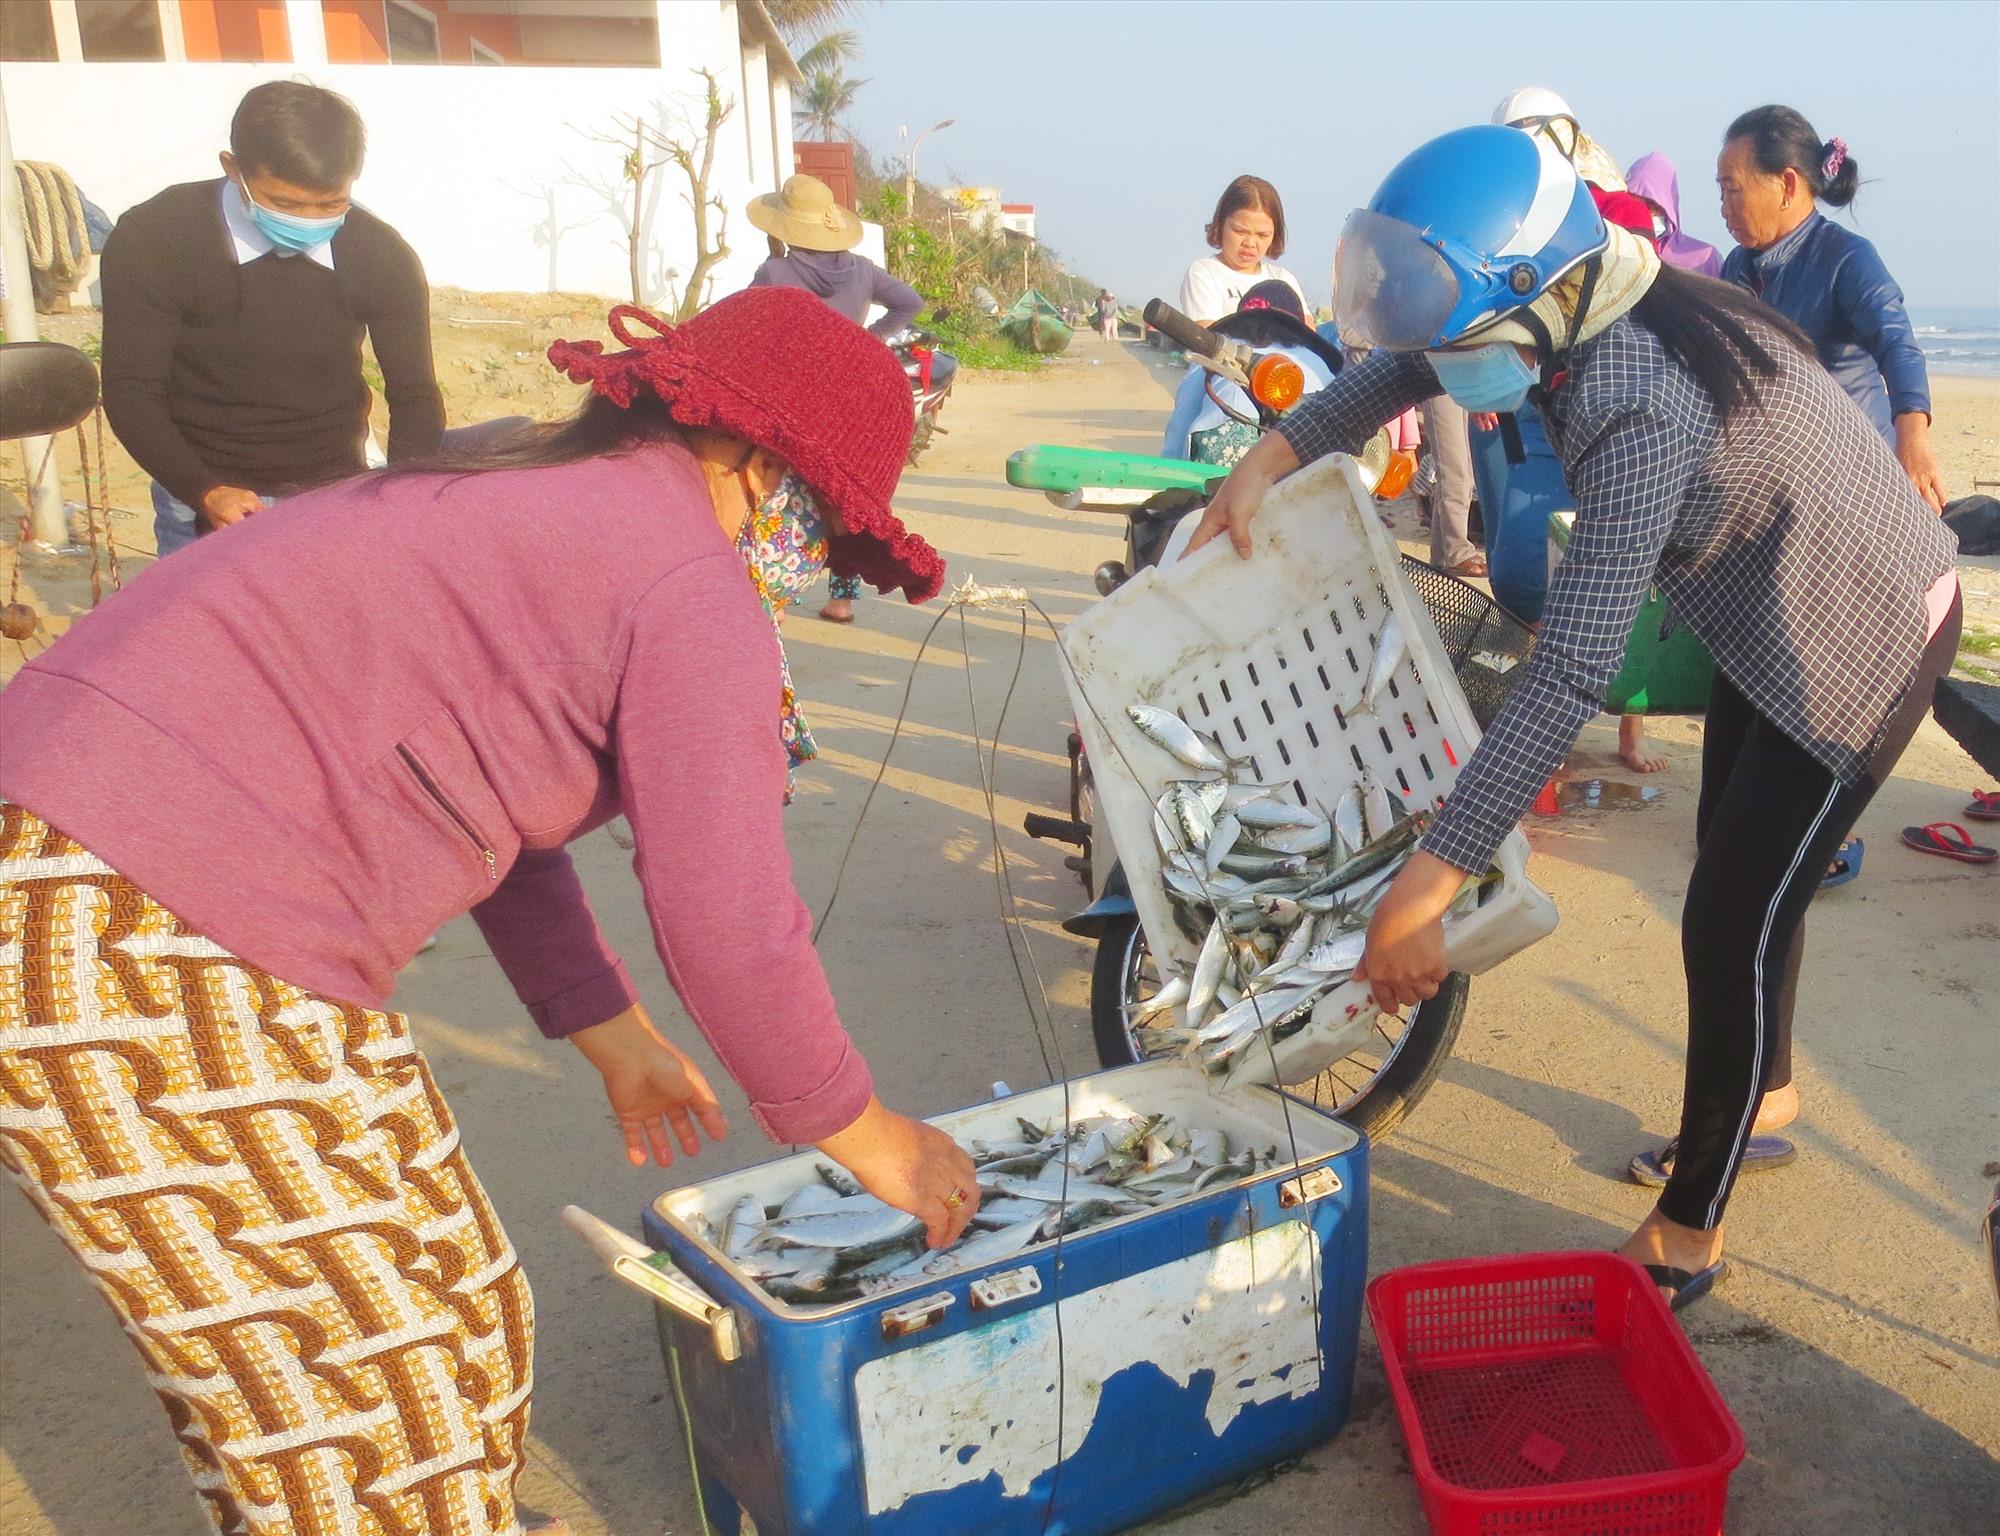 Thời tiết khá thuận lợi, giá hải sản đầu năm cũng khá cao nên ngư dân Tam Thanh rất phấn khởi. Ảnh: T.X